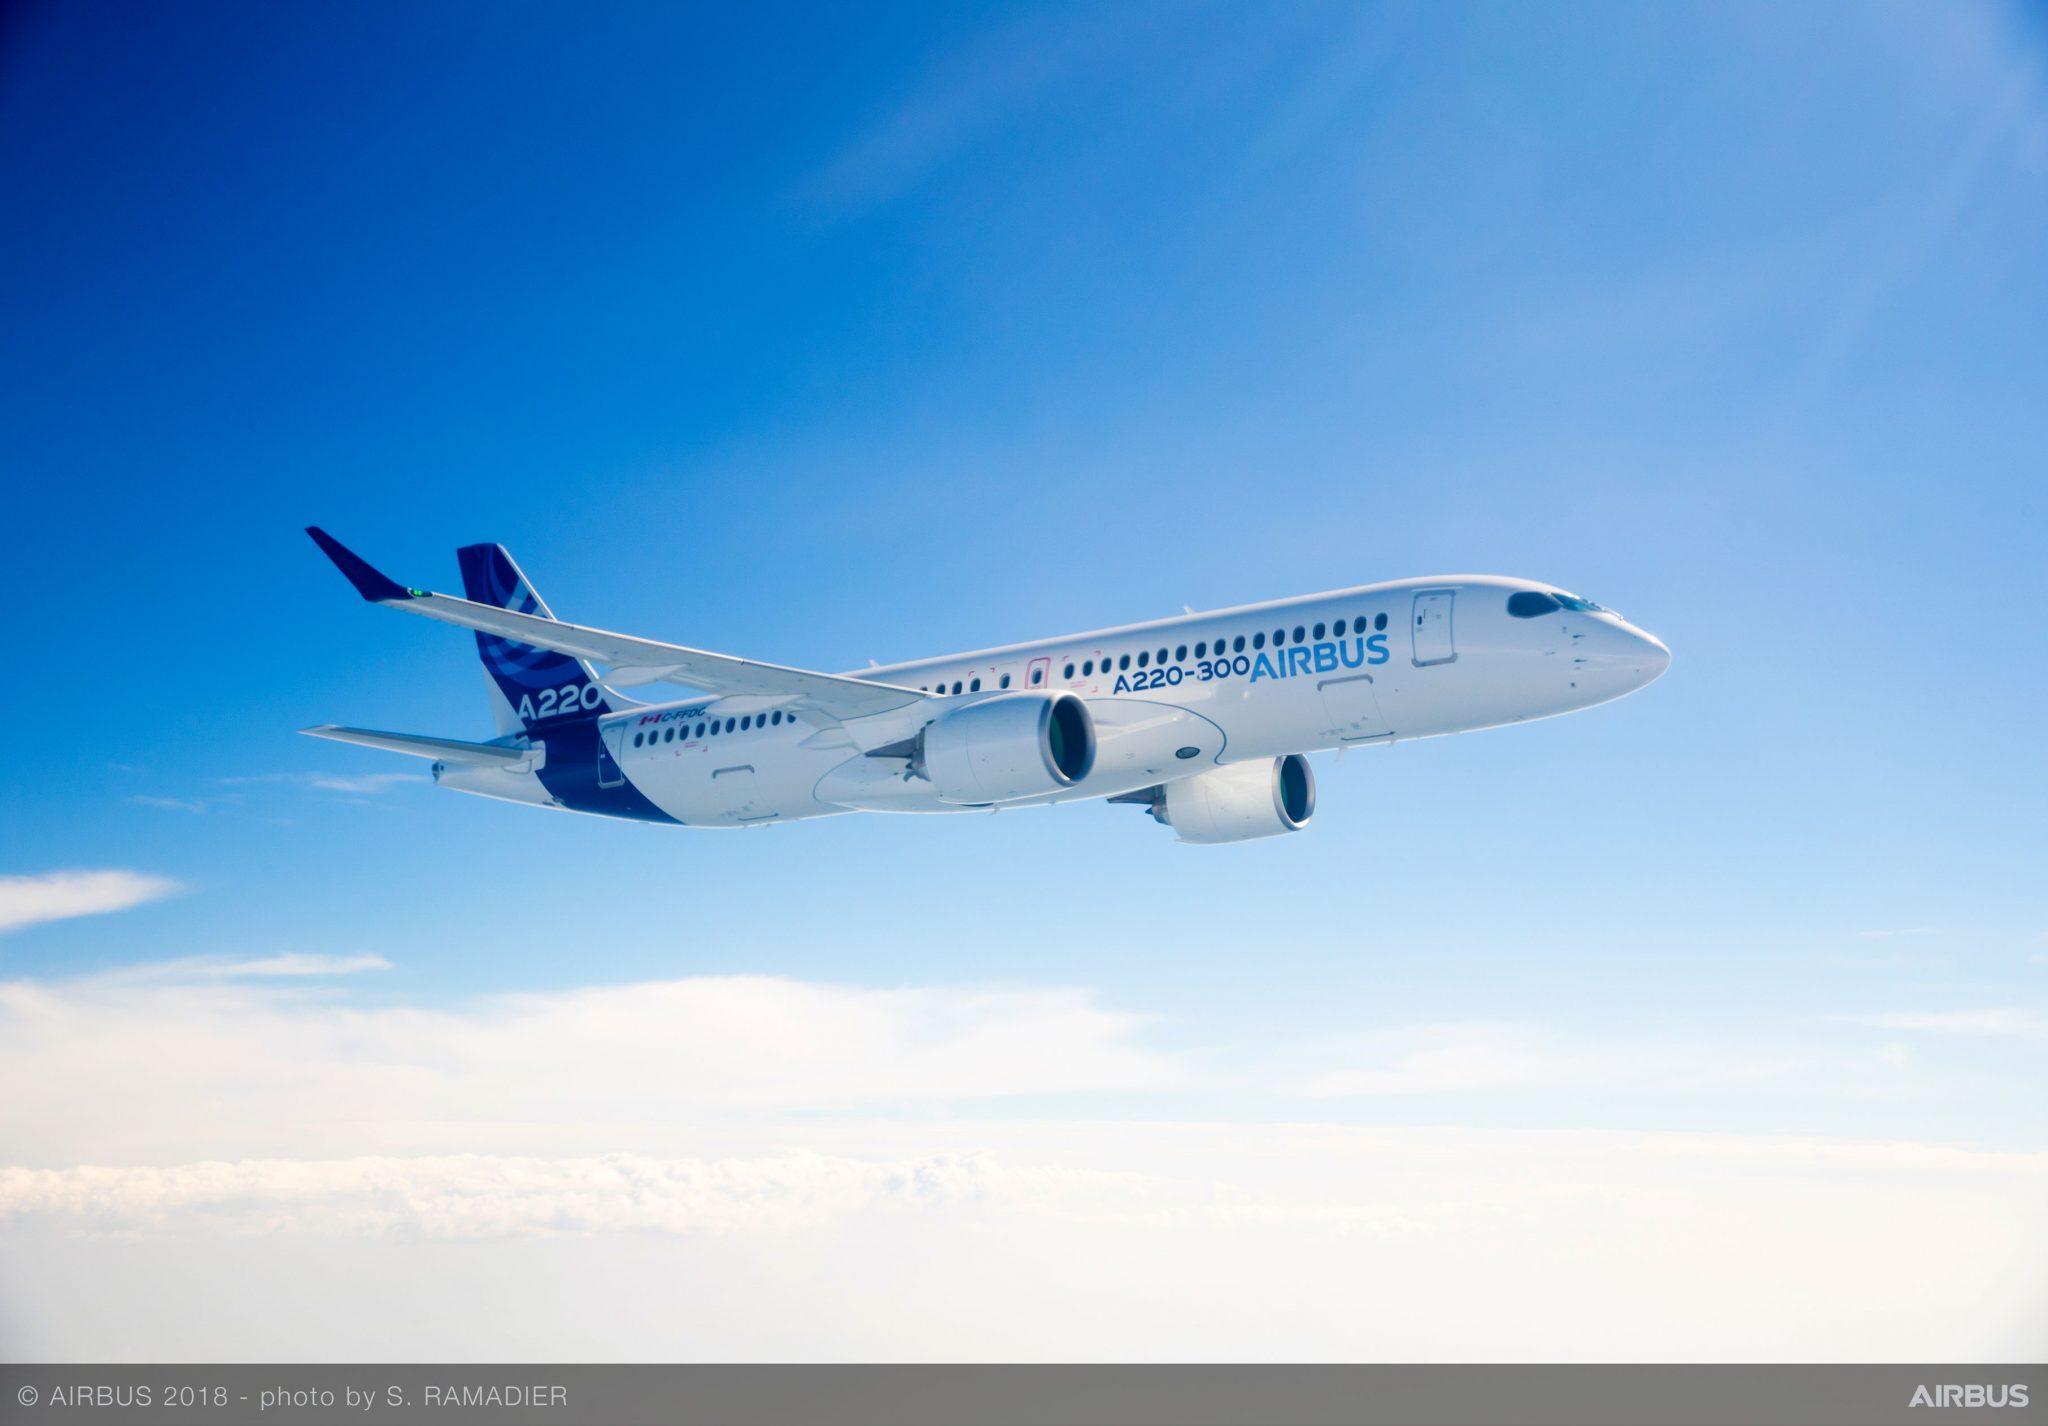 Airbus entrega el primer A220 a Egyptair que lo utilizará para homogenizar flota y ampliar capacidad en rutas de corto alcance